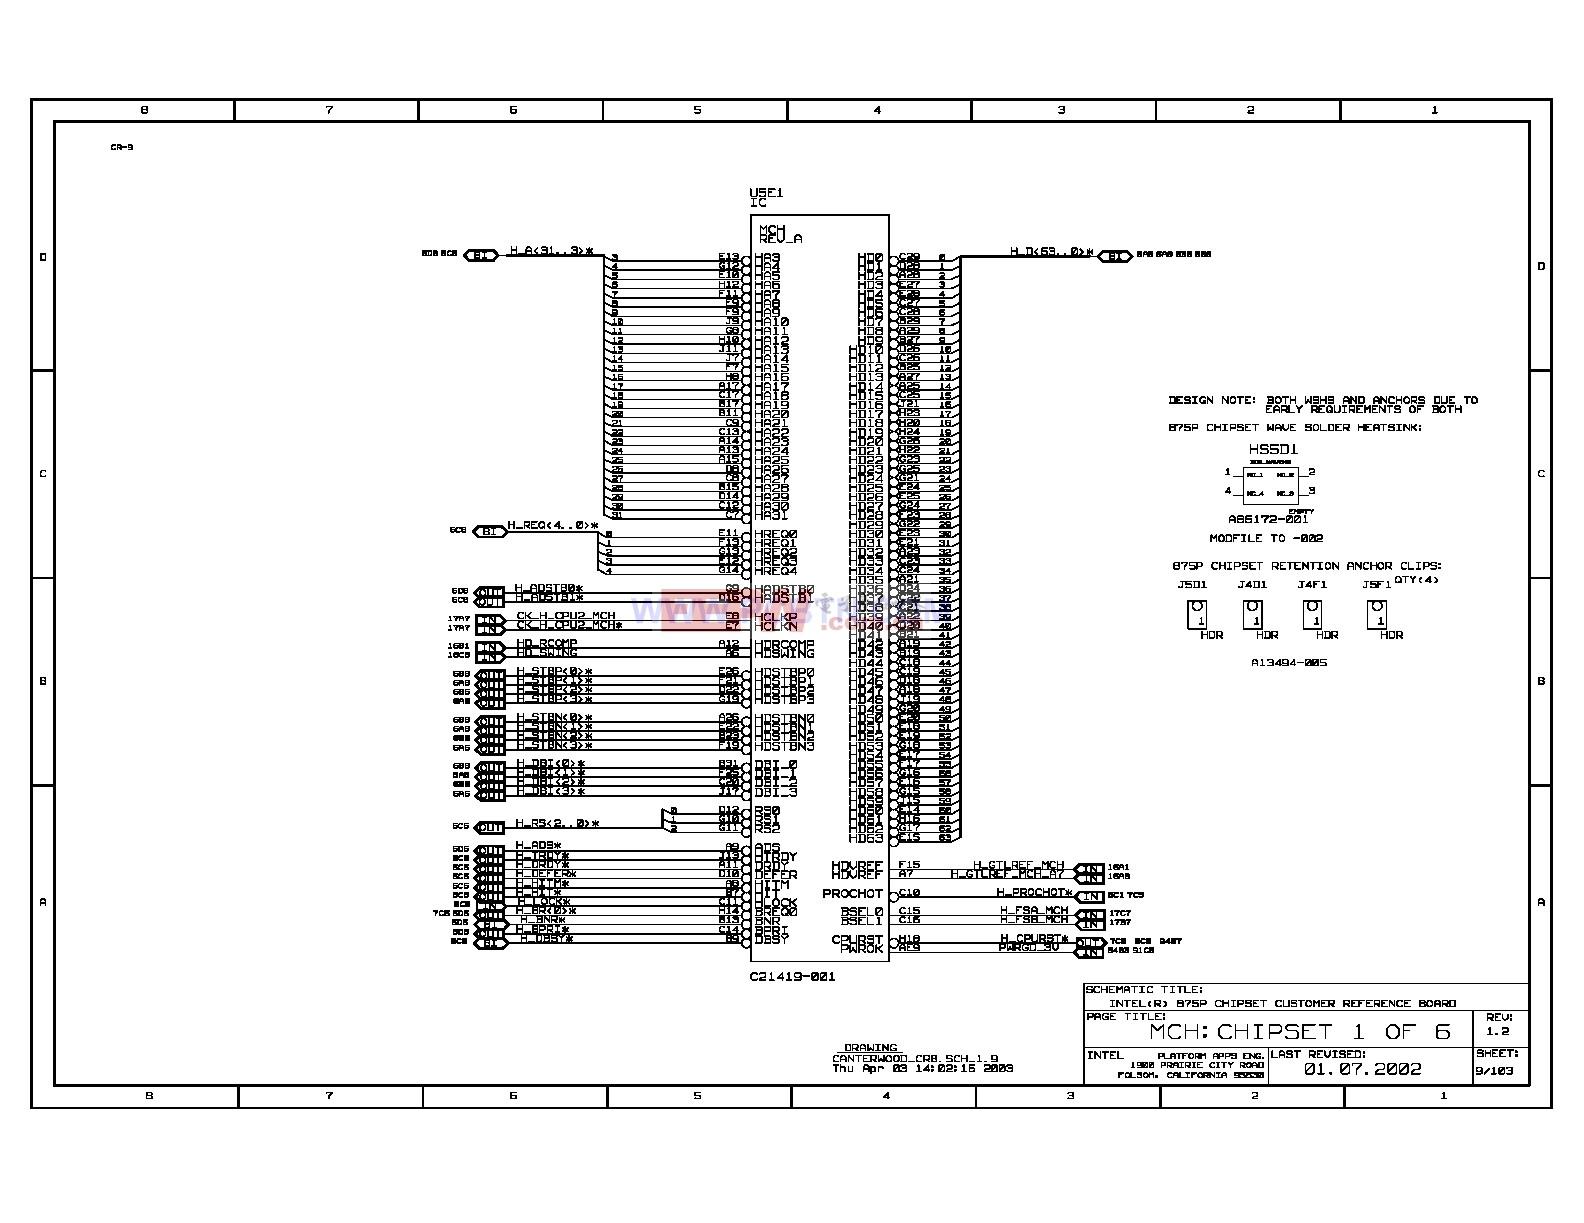 Intel 875p主板MCH控制芯片电路图